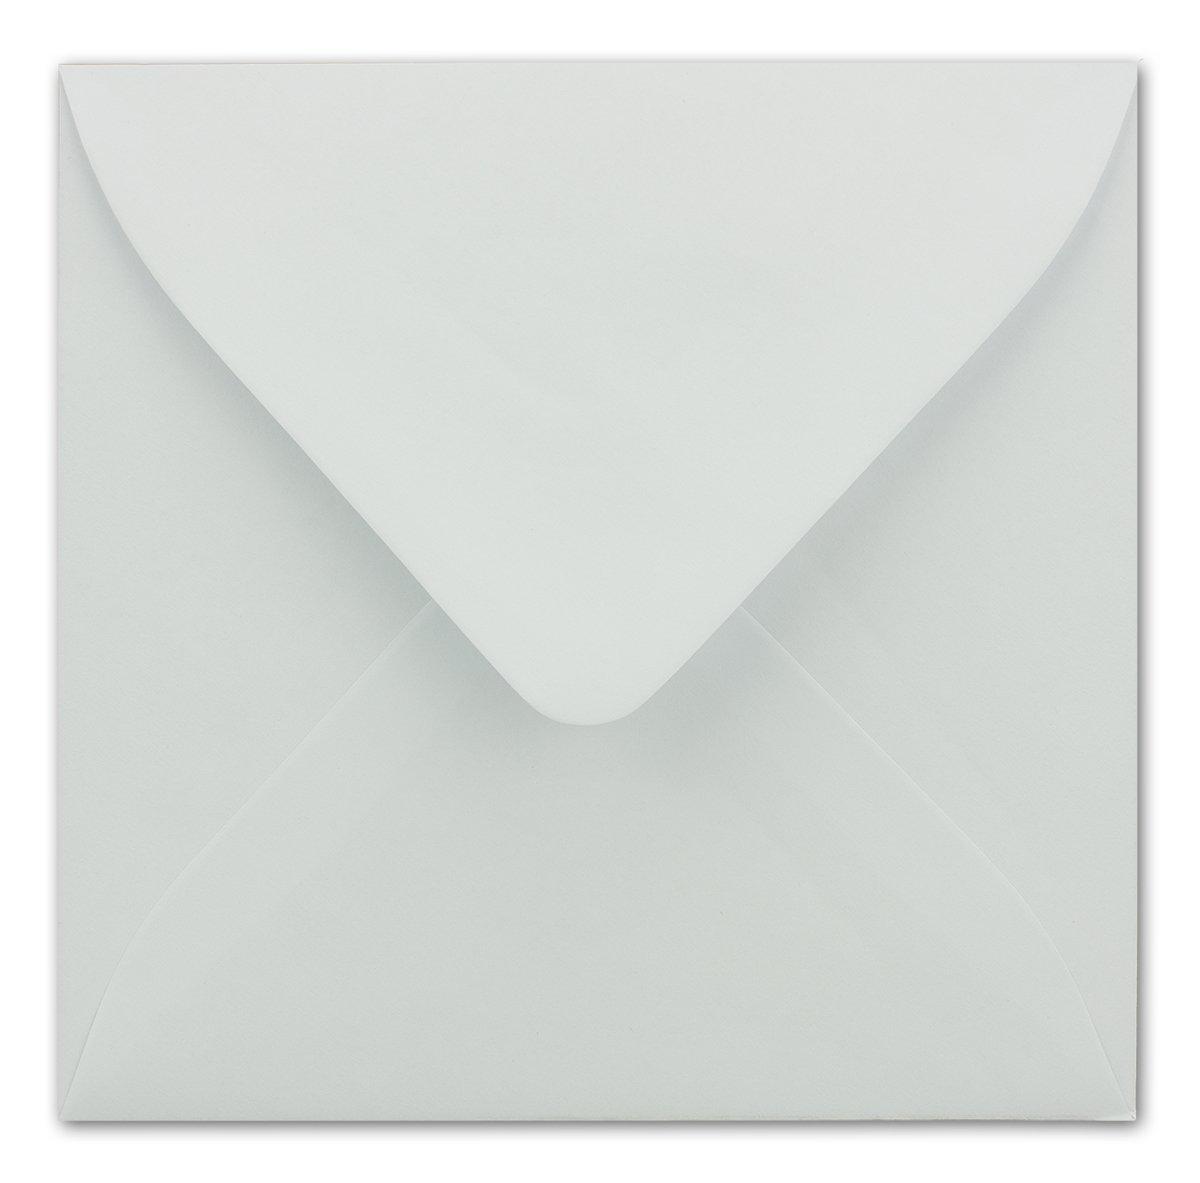 90 g//m/² Na/ßklebung Ideal f/ür Gr/ü/ße und Einladungen Weiss mit Goldenem Seidenfutter 25 Umschl/äge Quadratisch 16 x 16 cm